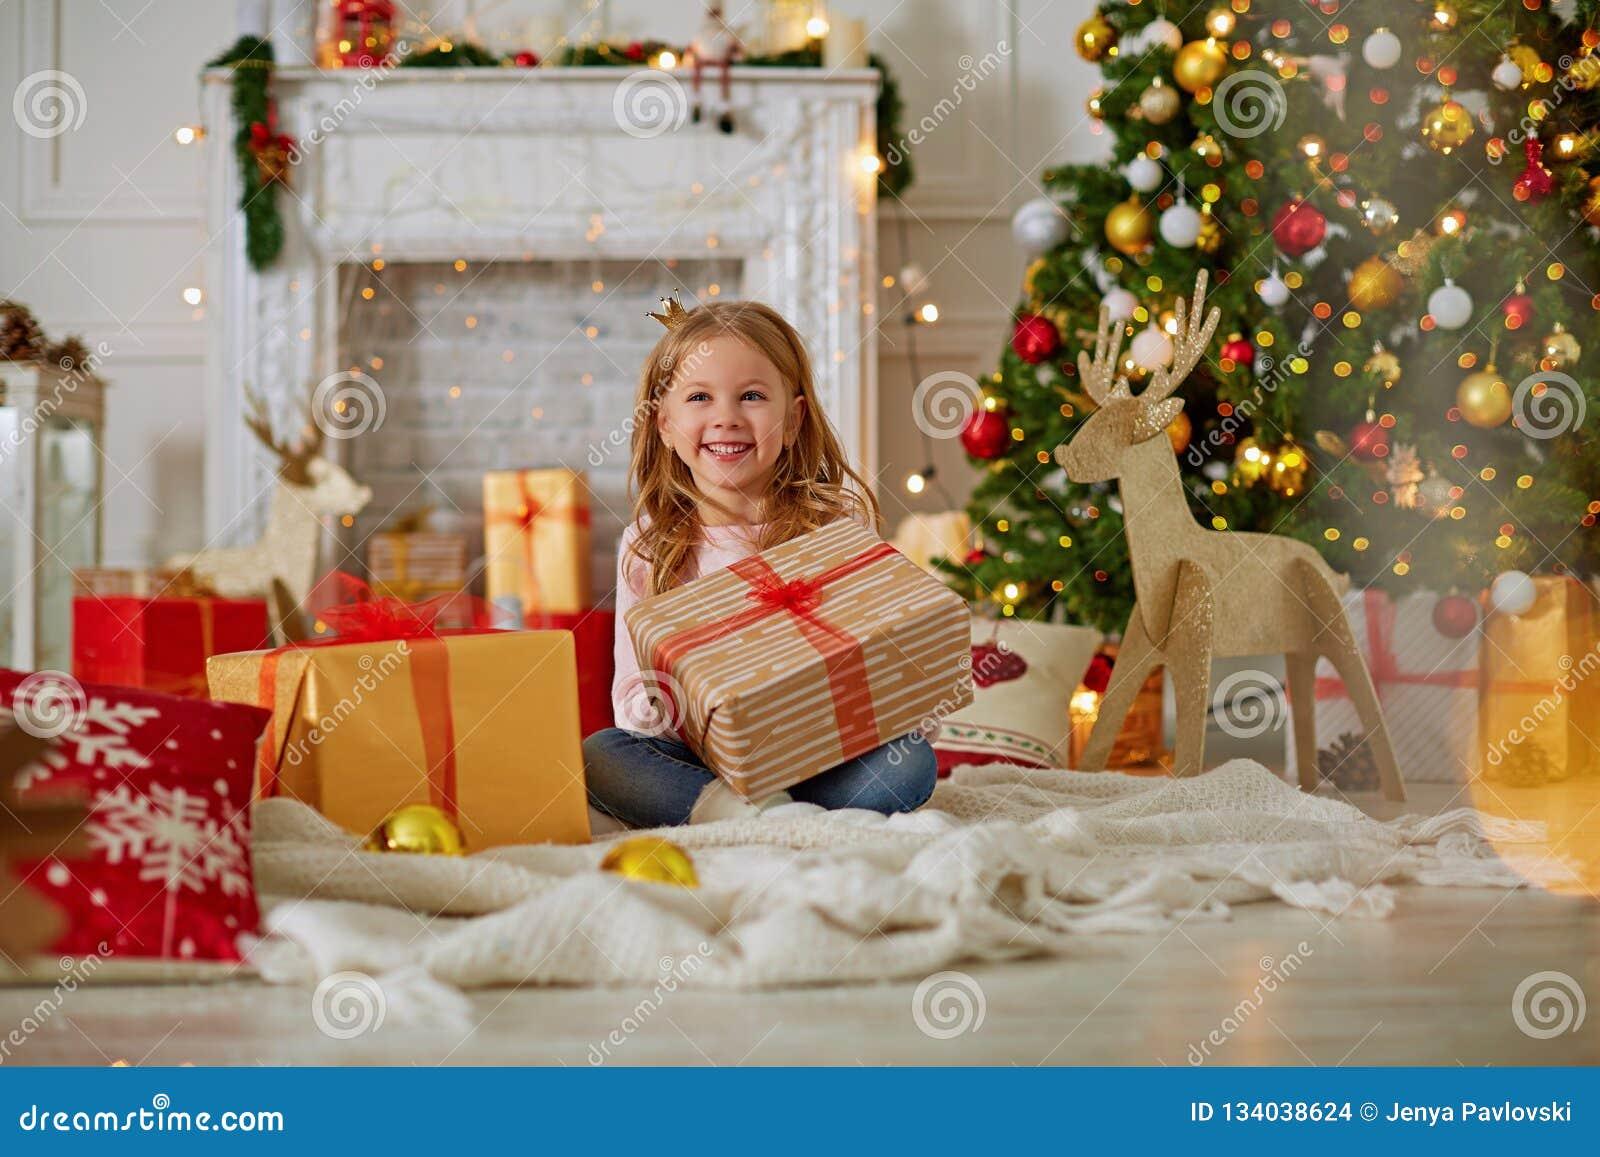 Συγκινημένο περίεργο μικρό κορίτσι που χαμογελά, δώρα Χριστουγέννων ανοίγματος Υπέροχα διακοσμημένα χριστουγεννιάτικο δέντρο και